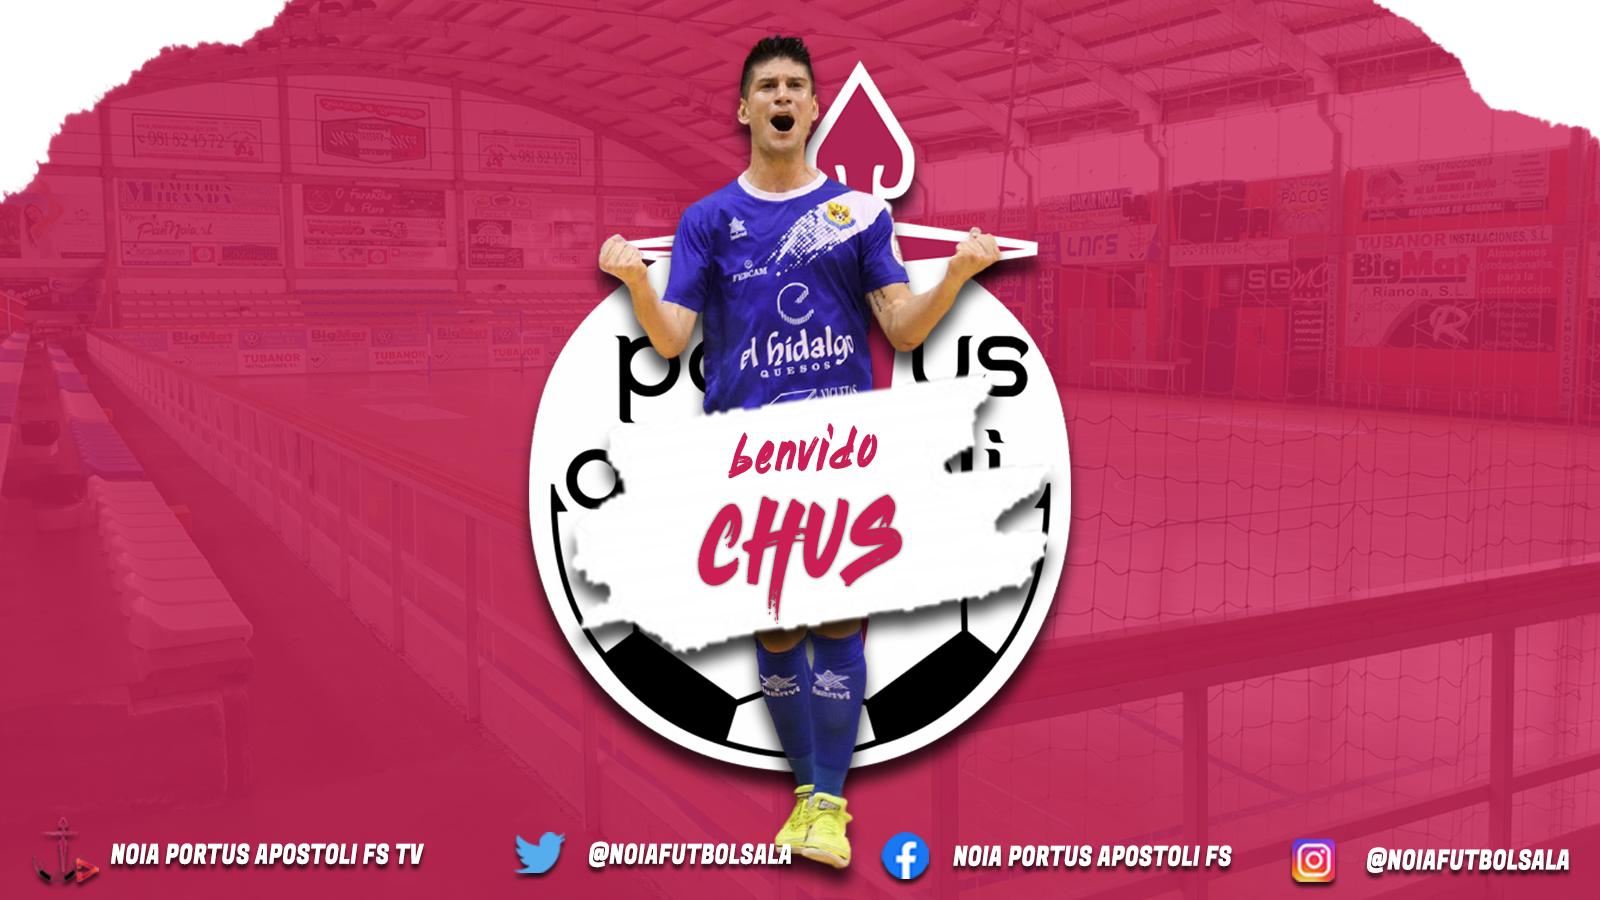 Noia Portus Apostoli incorpora a Chus, un autentico ¨goleador¨ para el equipo gallego